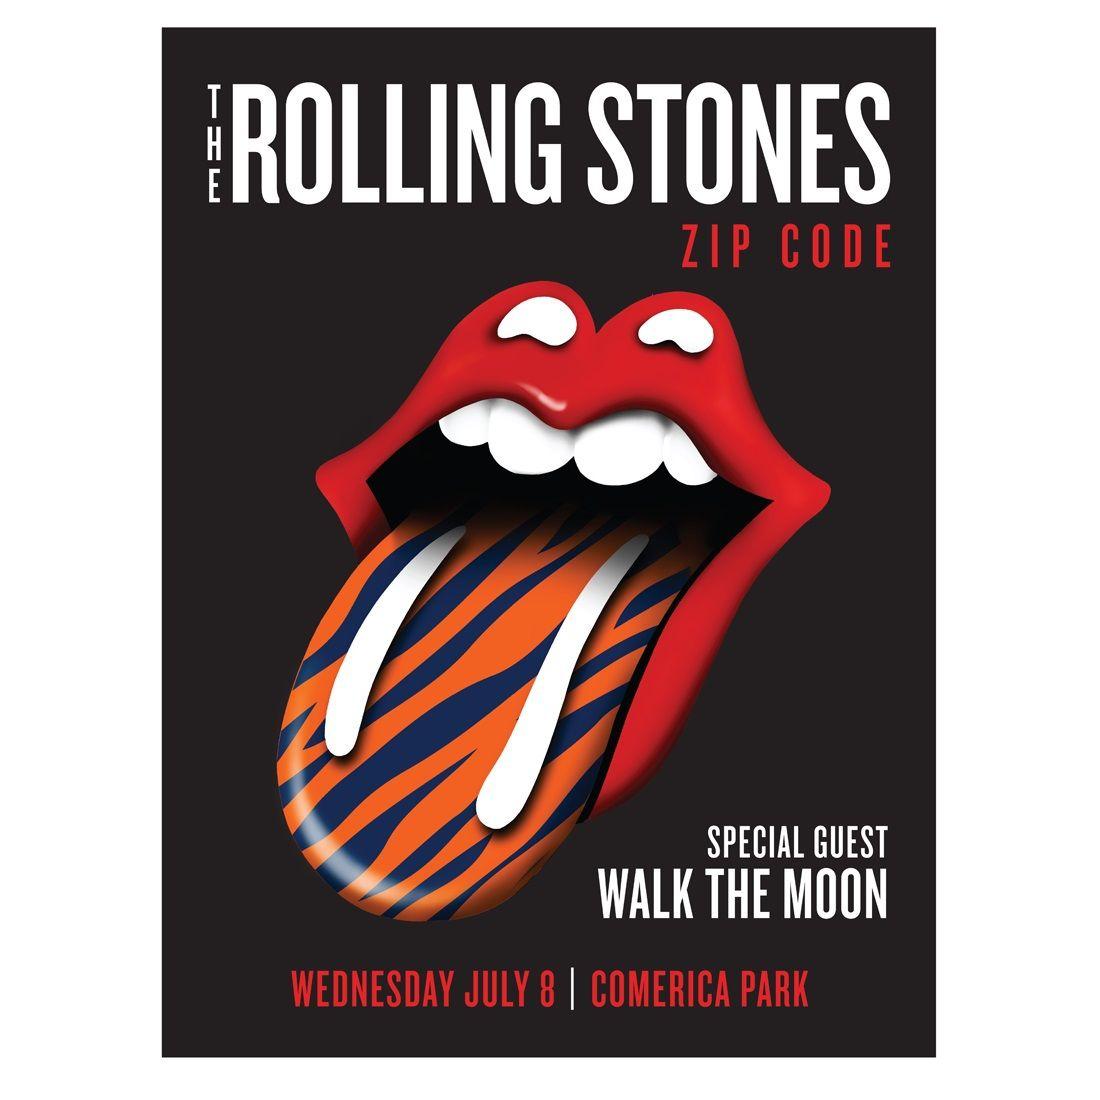 Book Cover Art Zip Code : The rolling stones zip code tour detroit us